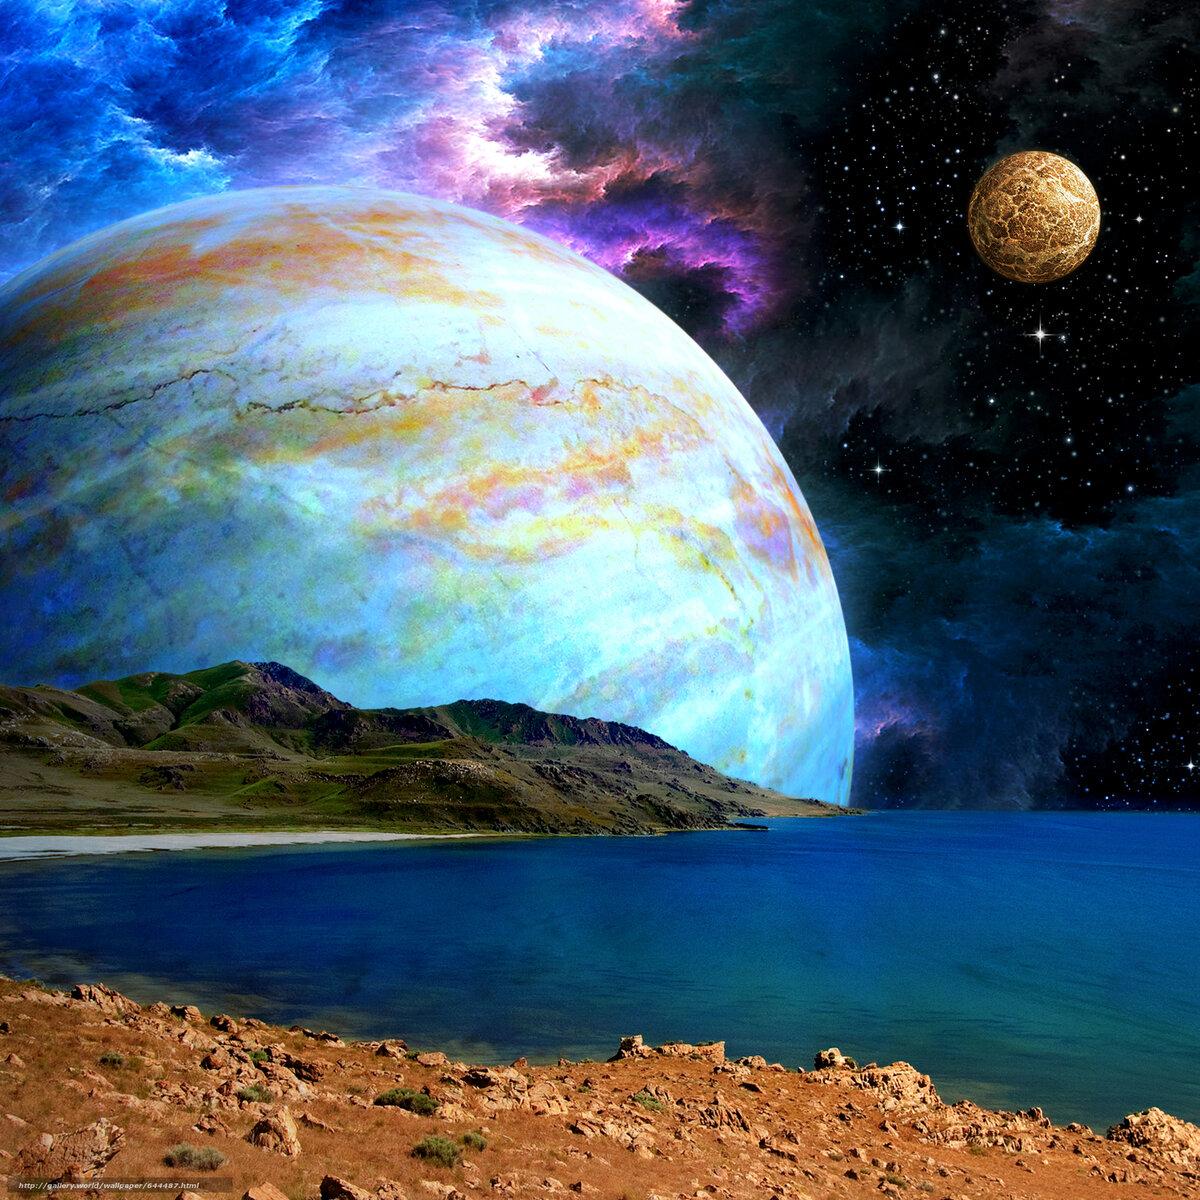 космос и планеты с картинками первый год